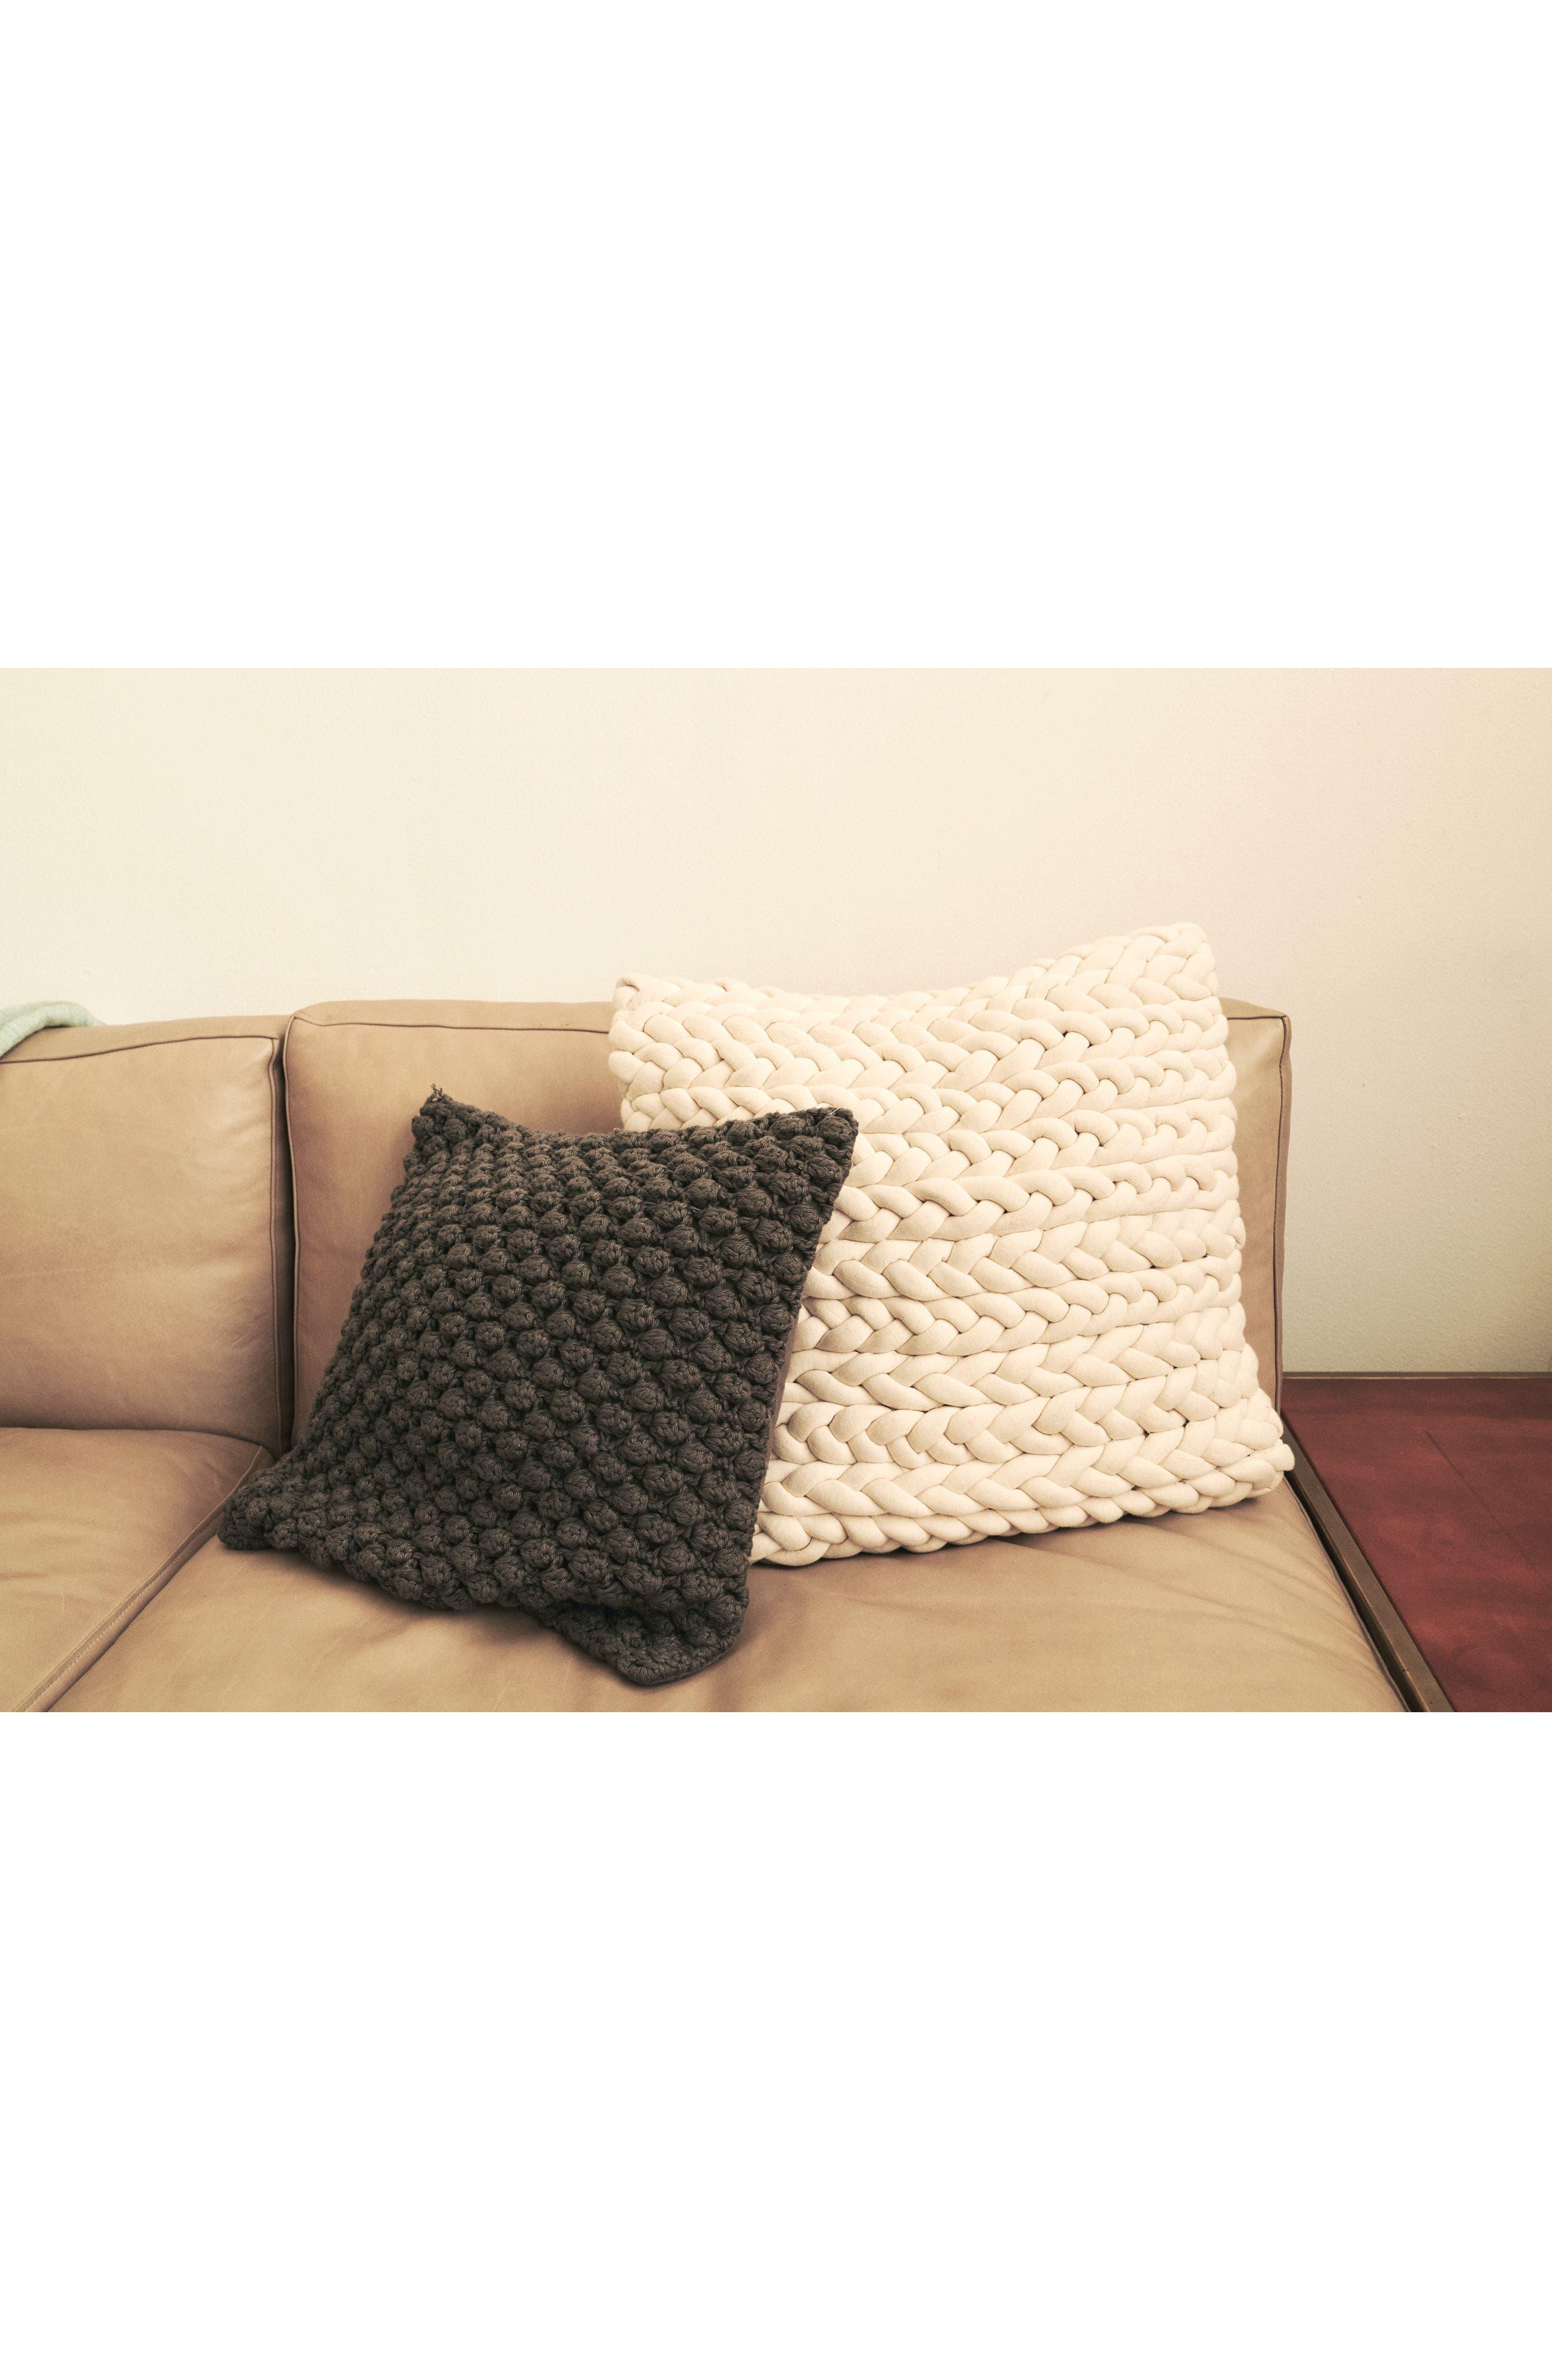 Pebble Knit Accent Pillow,                             Alternate thumbnail 5, color,